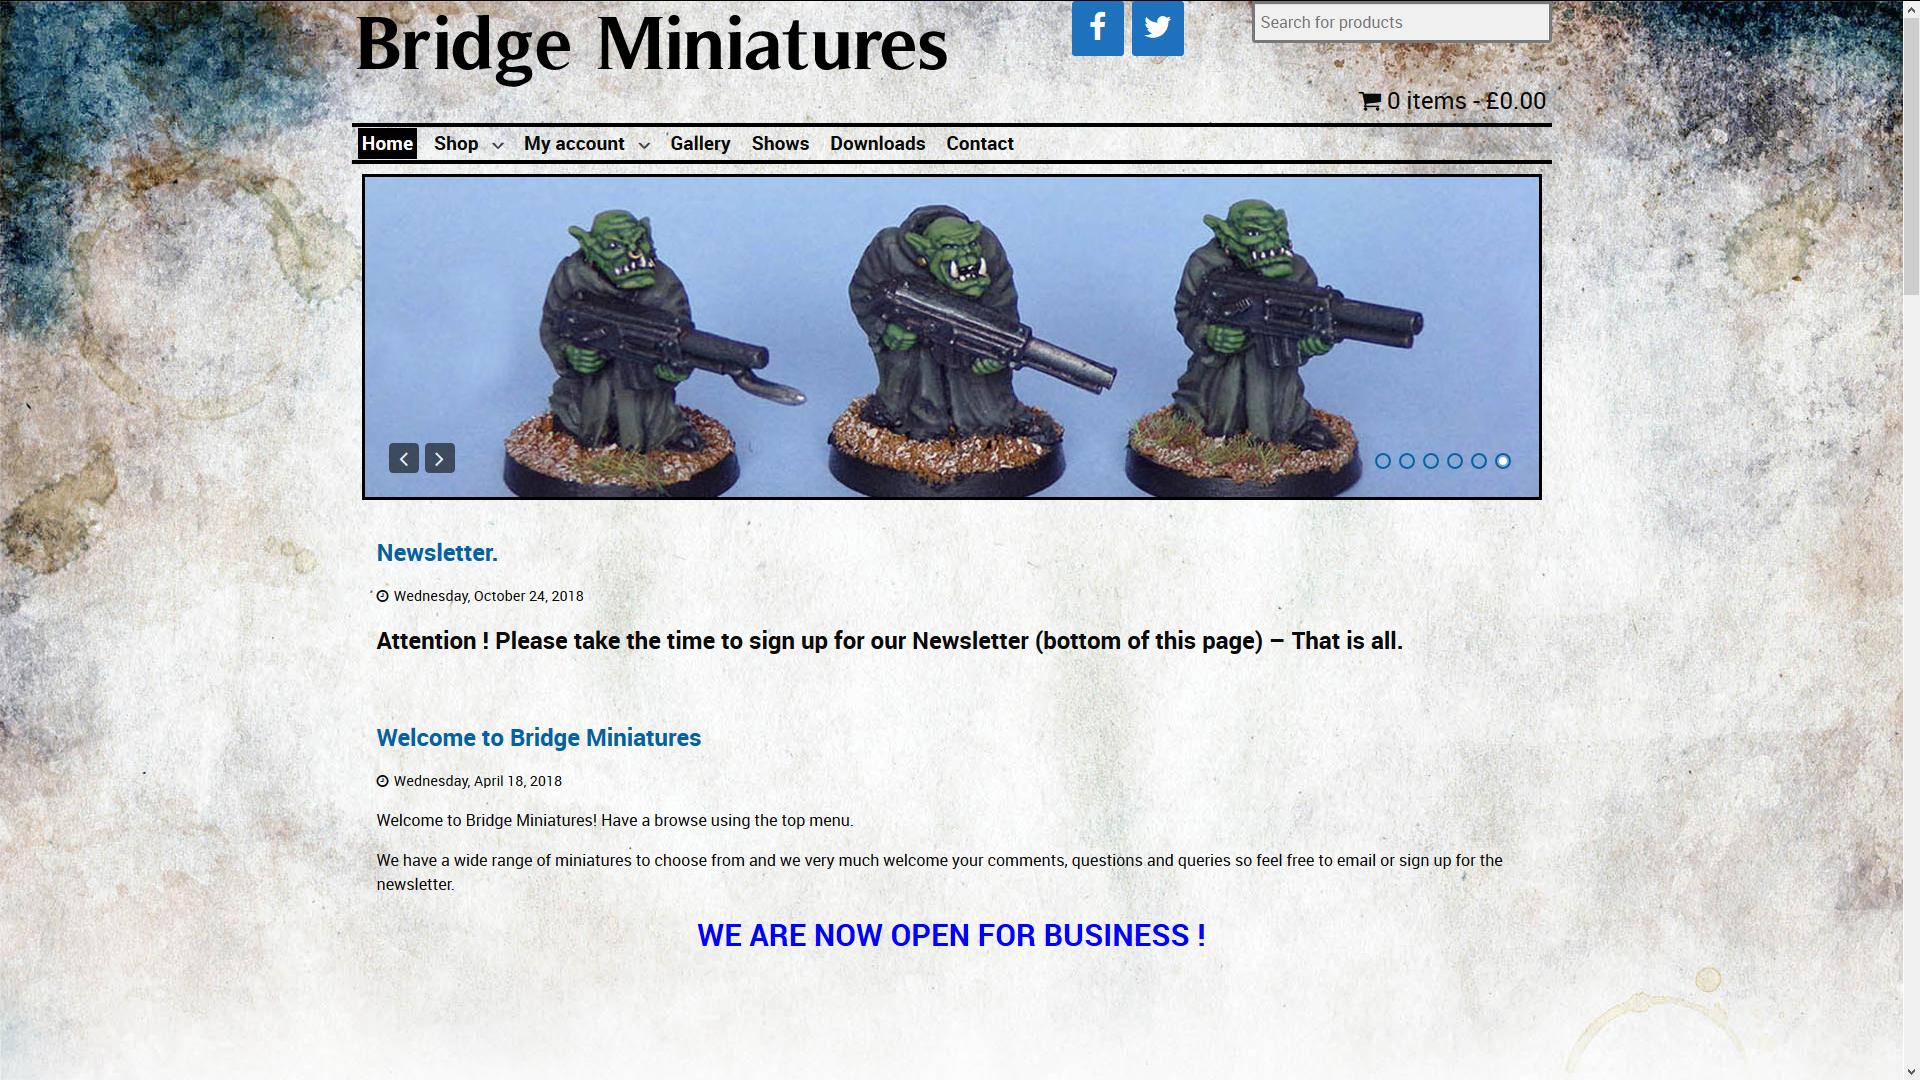 Bridge Miniatures